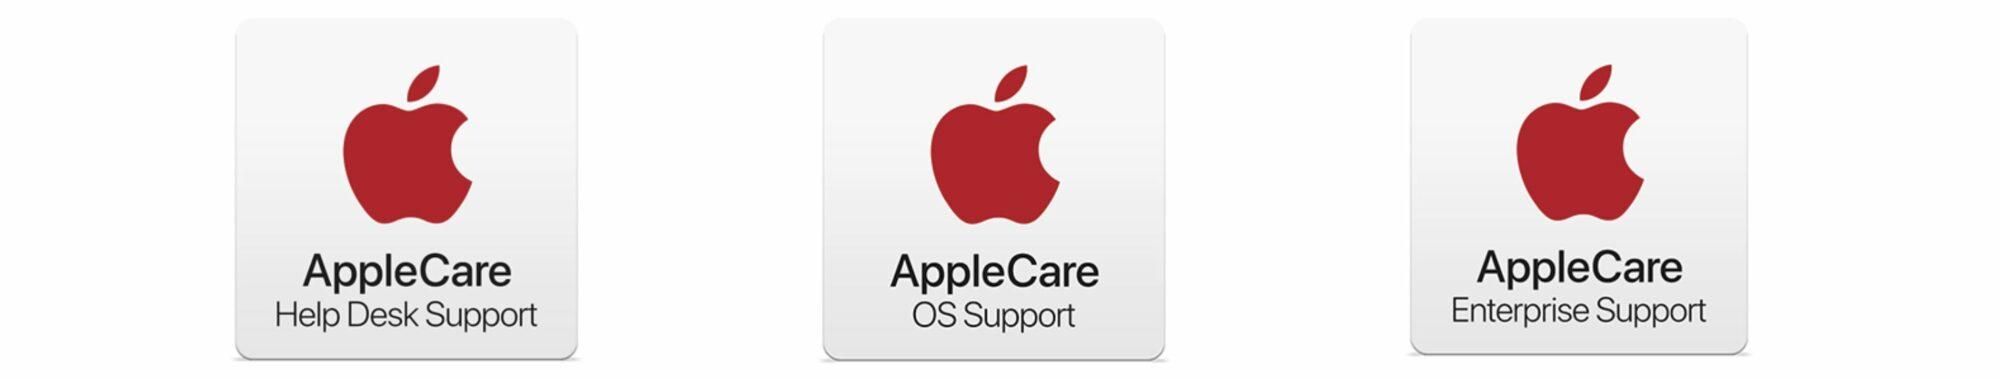 Applecare for Enterprise